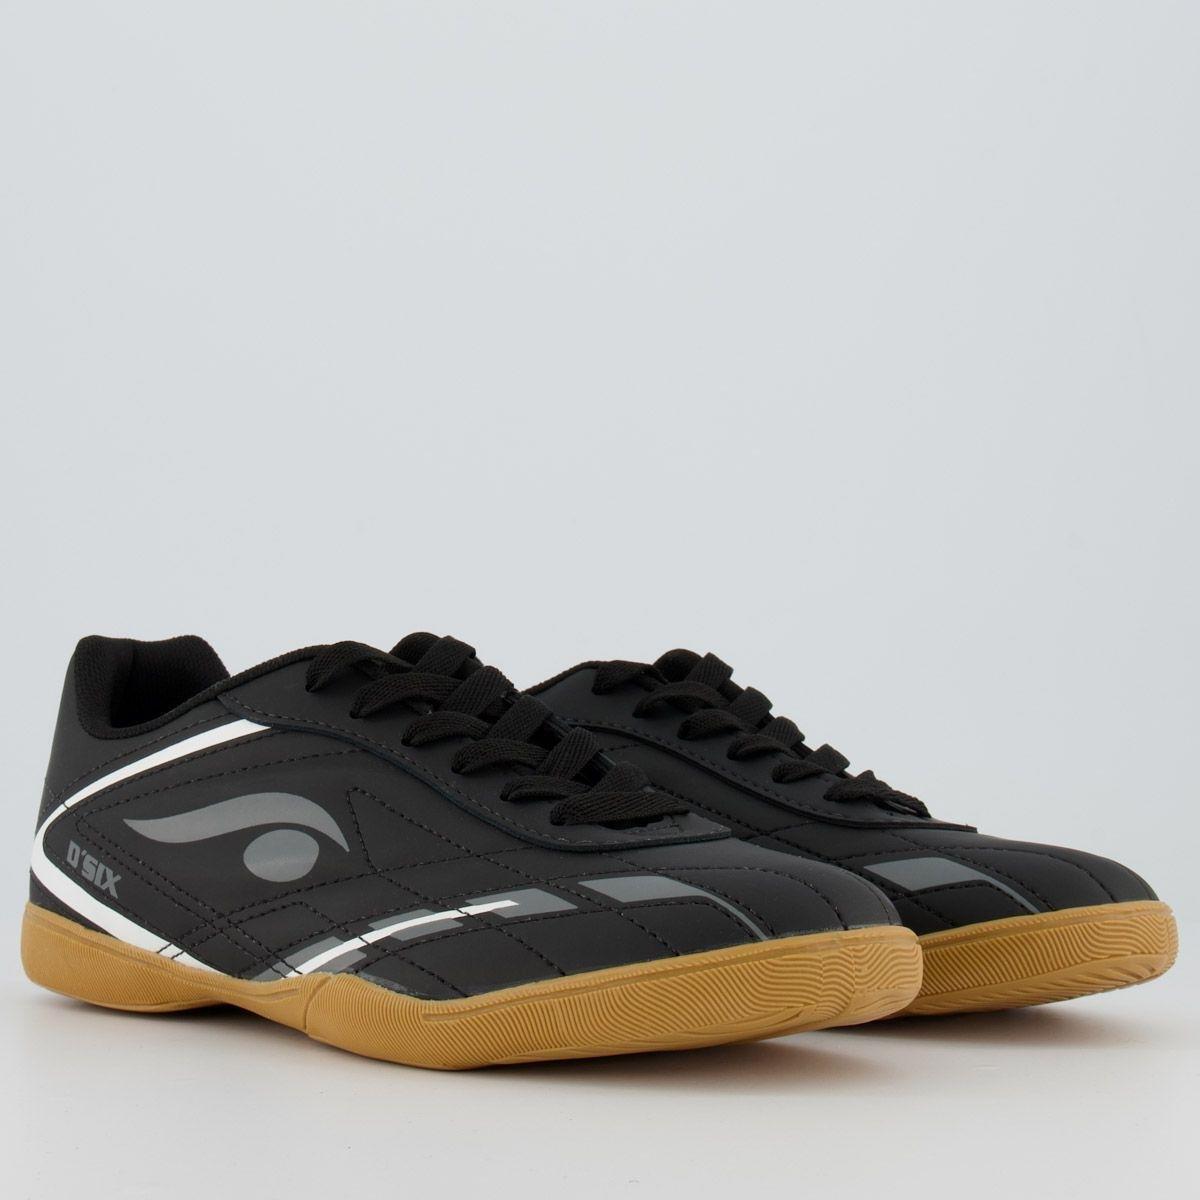 Chuteira Futsal Dsix 62061010180